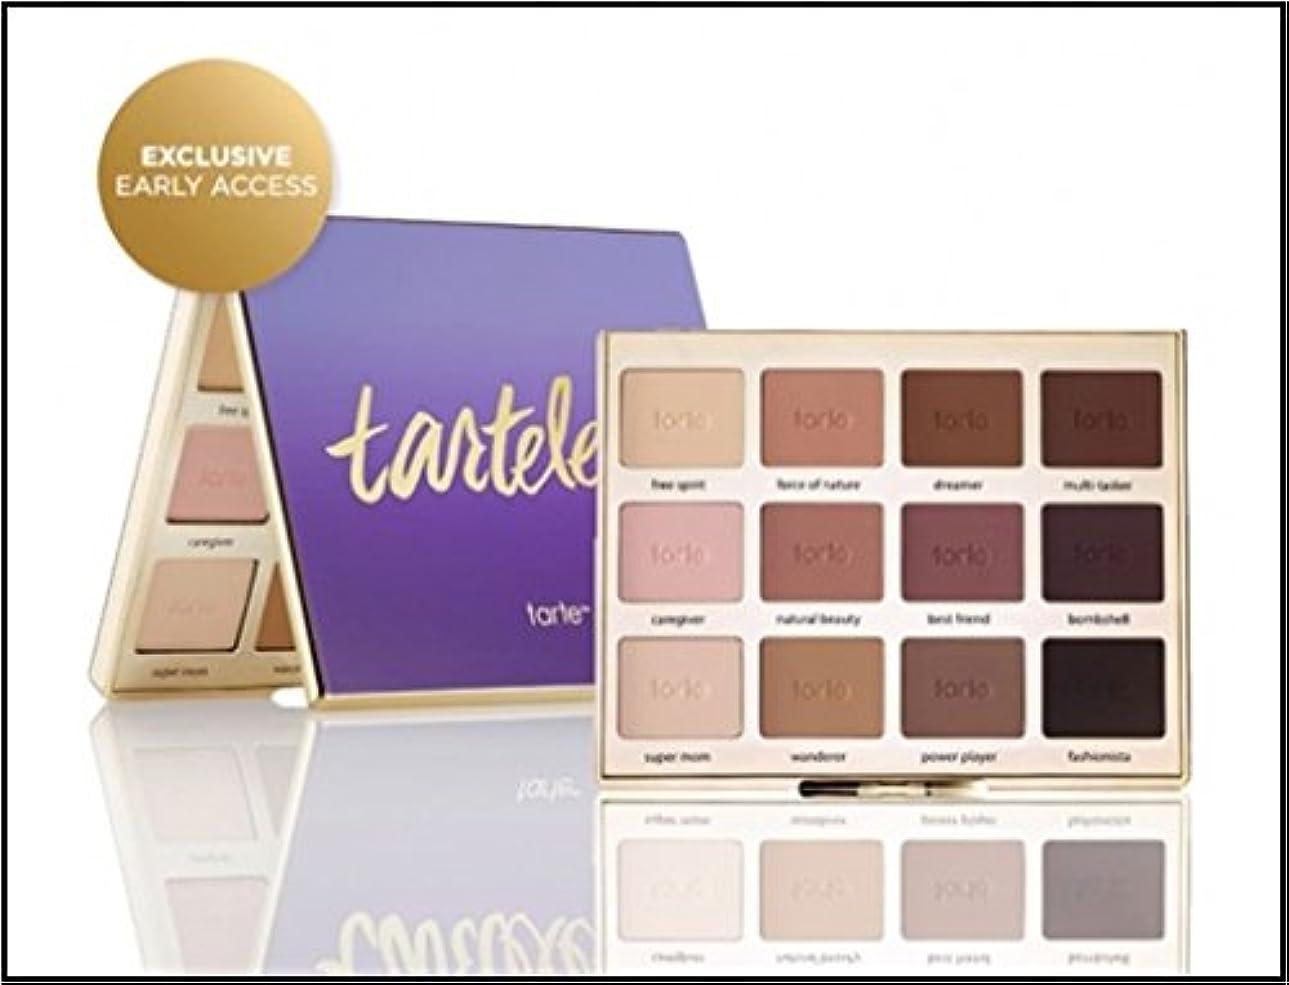 突き刺す知的セントTarte Tartelettonian Clay Matte Eyeshadow Palette (Limited Edition) タルト マットアイシャドーパレット [並行輸入品]e Amaz